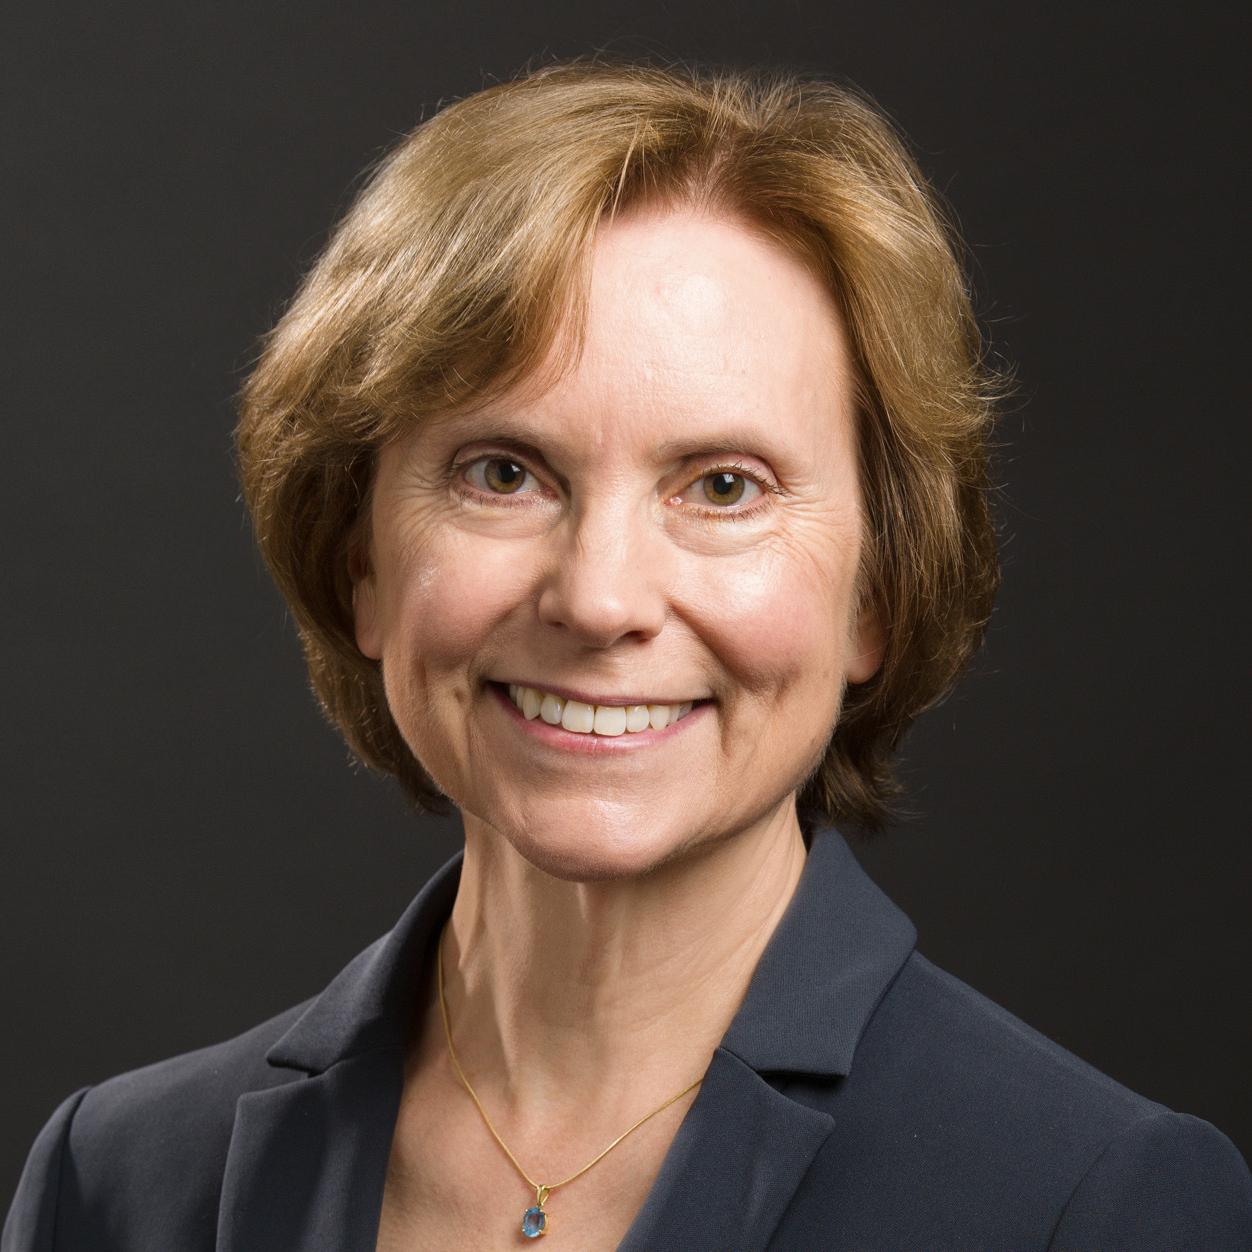 Linda Bockenstedt